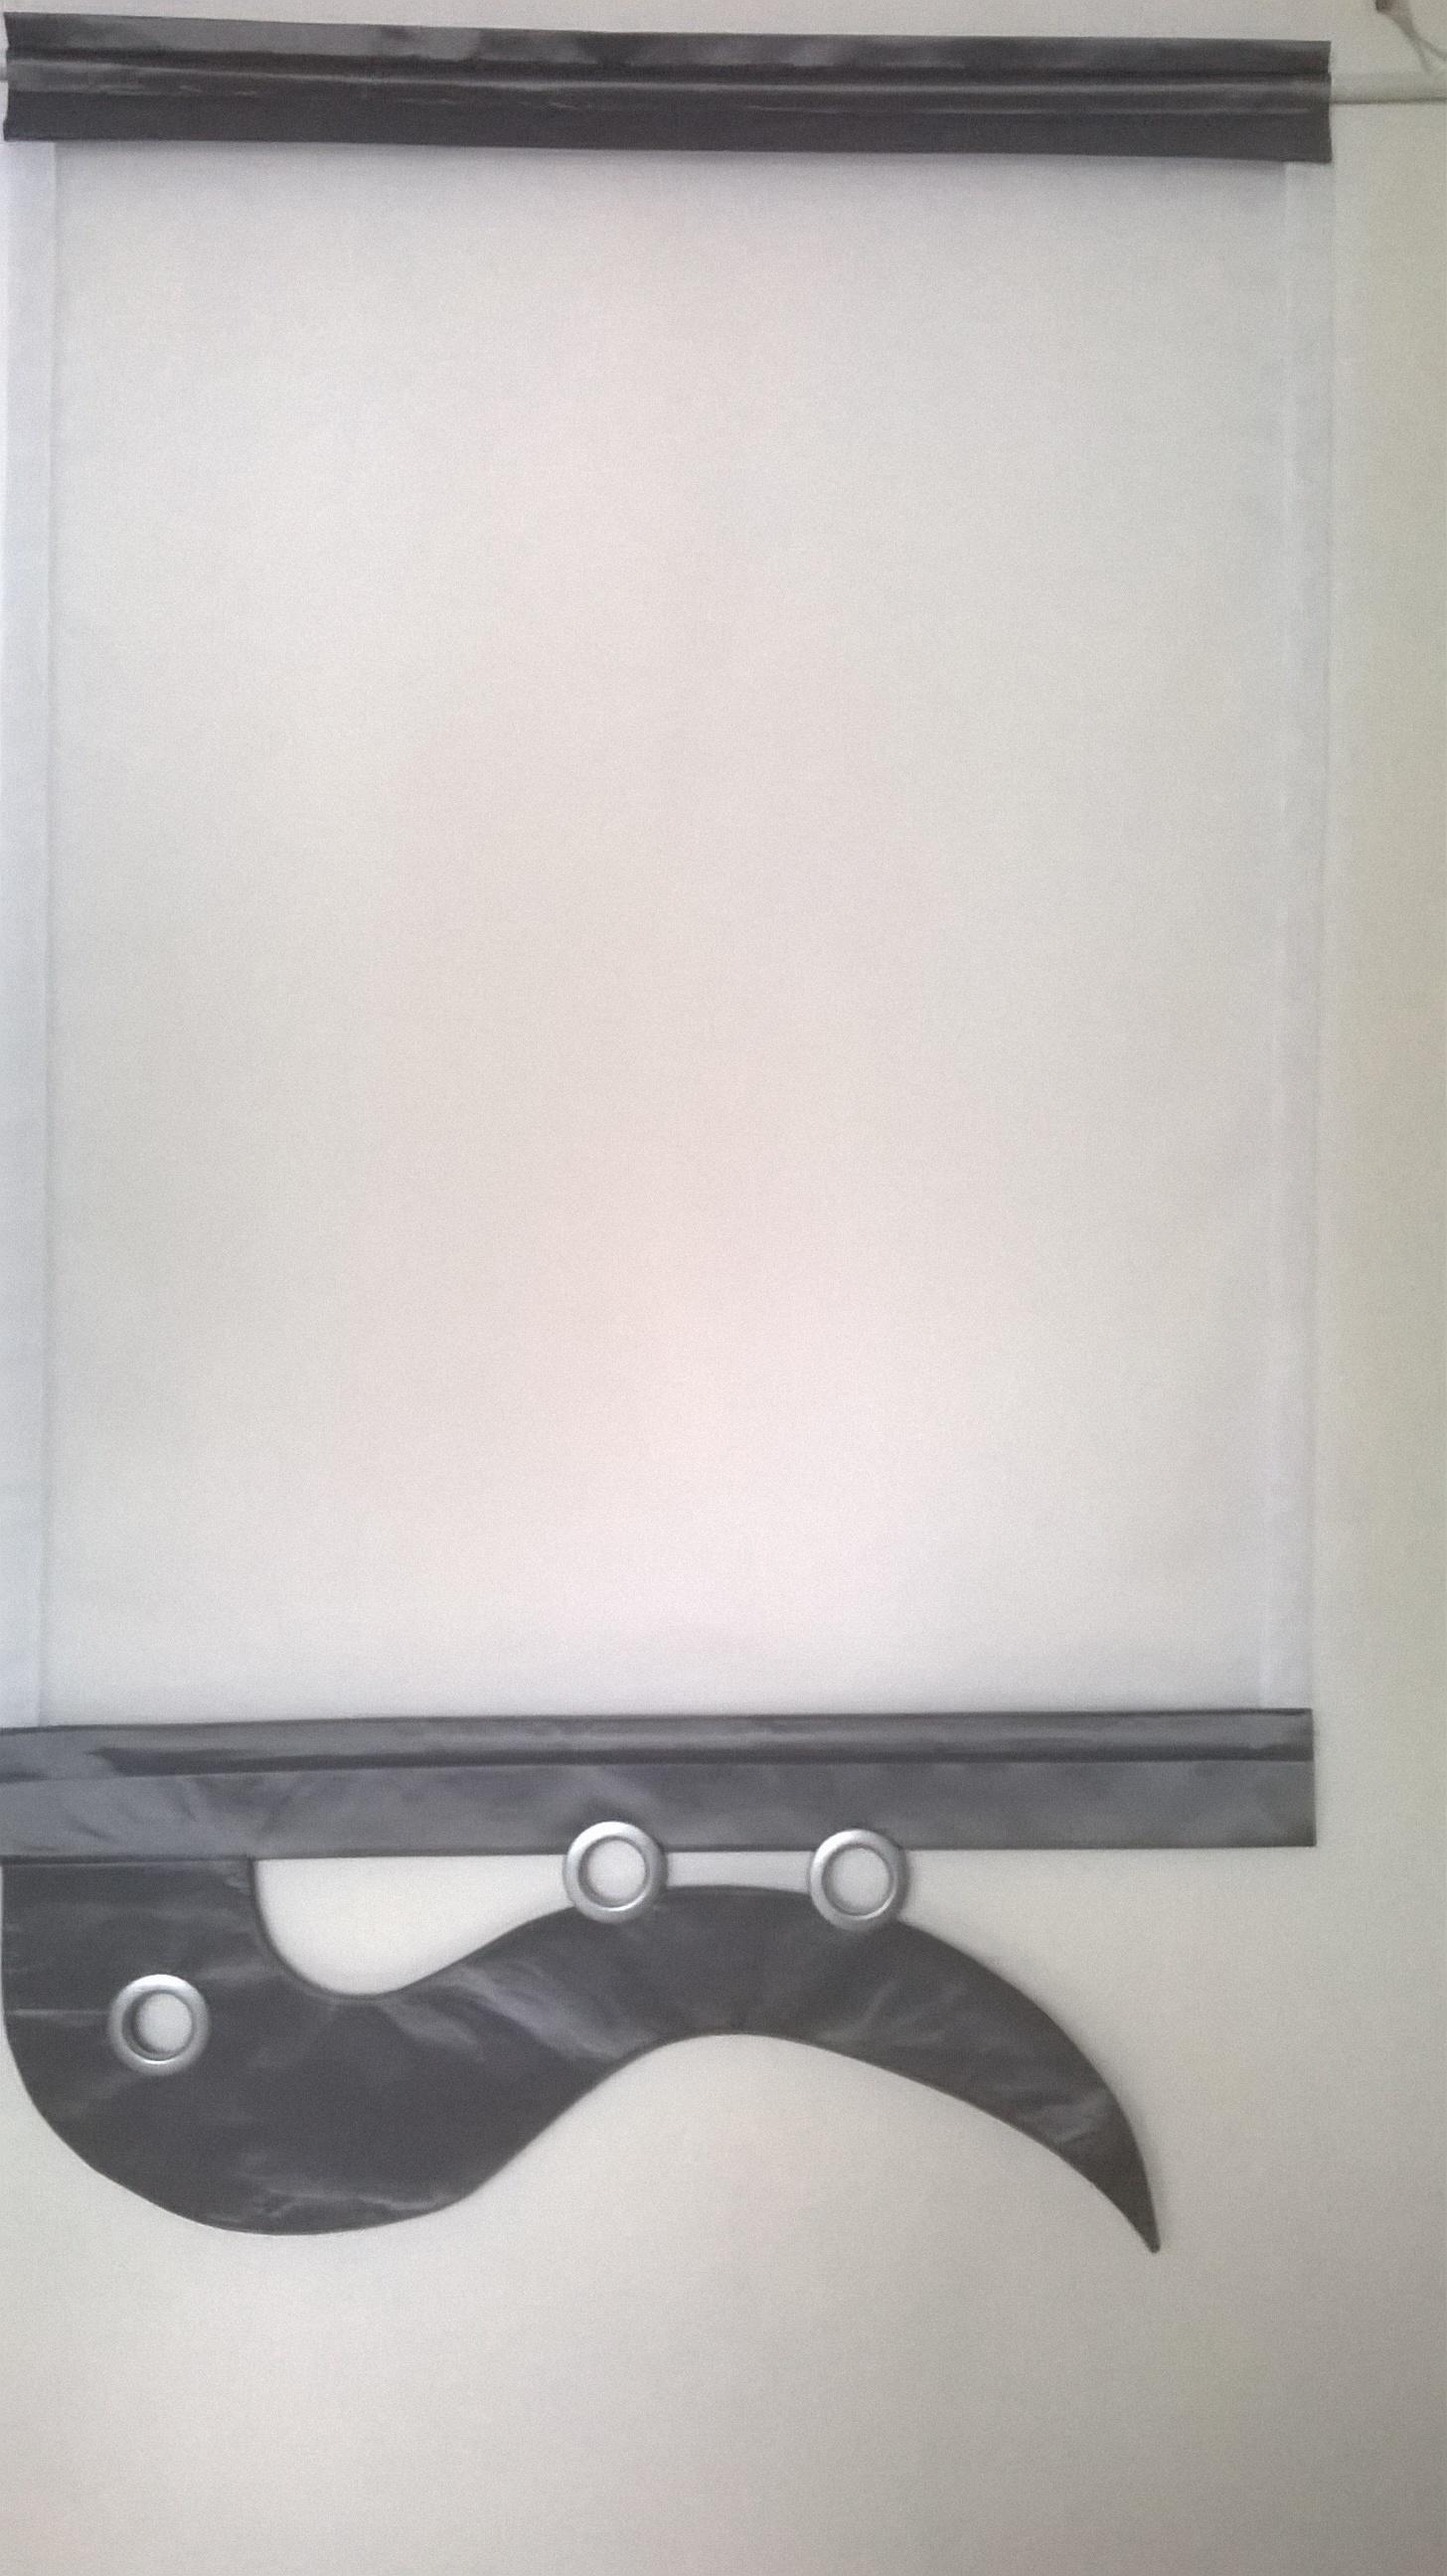 Firany Panele Pajęczno Galeria Zdjęcie 10 Z 11 Favorepl